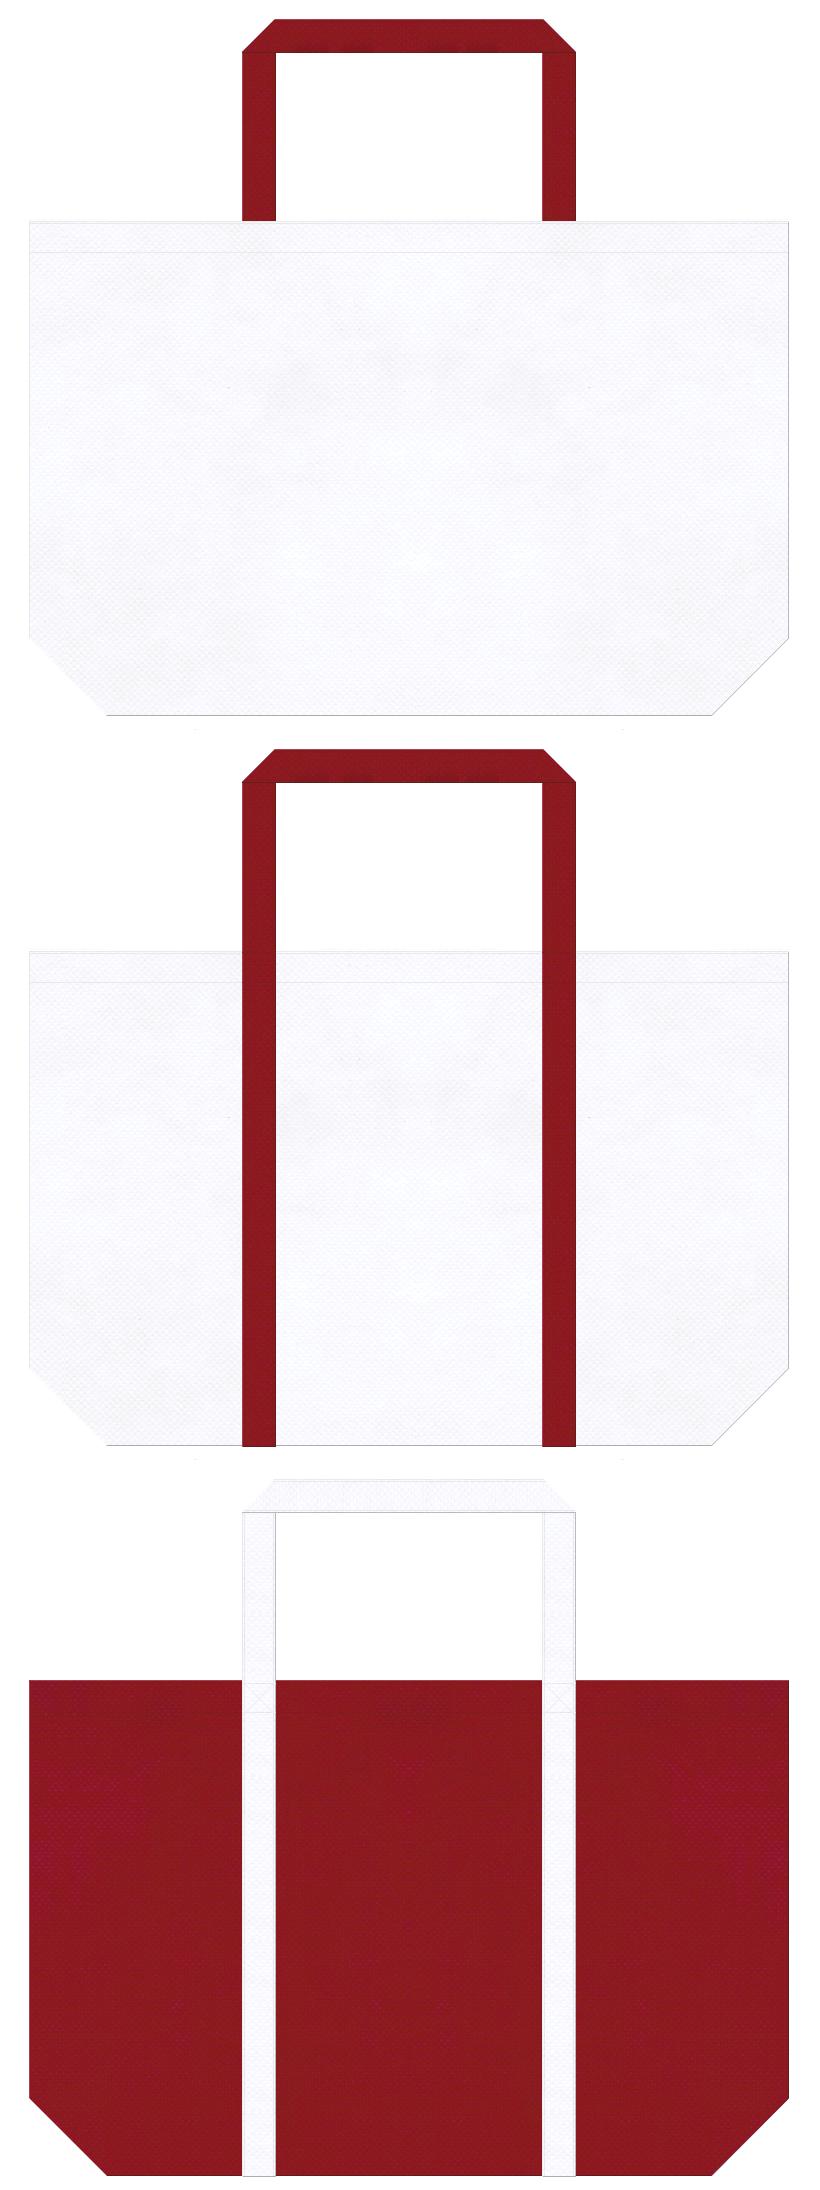 学校・学園・オープンキャンパス・スポーツイベント・着物・帯・和風催事・献血・病院・医療機器・救急用品の展示会用バッグにお奨めの不織布バッグデザイン:白色とエンジ色のコーデ